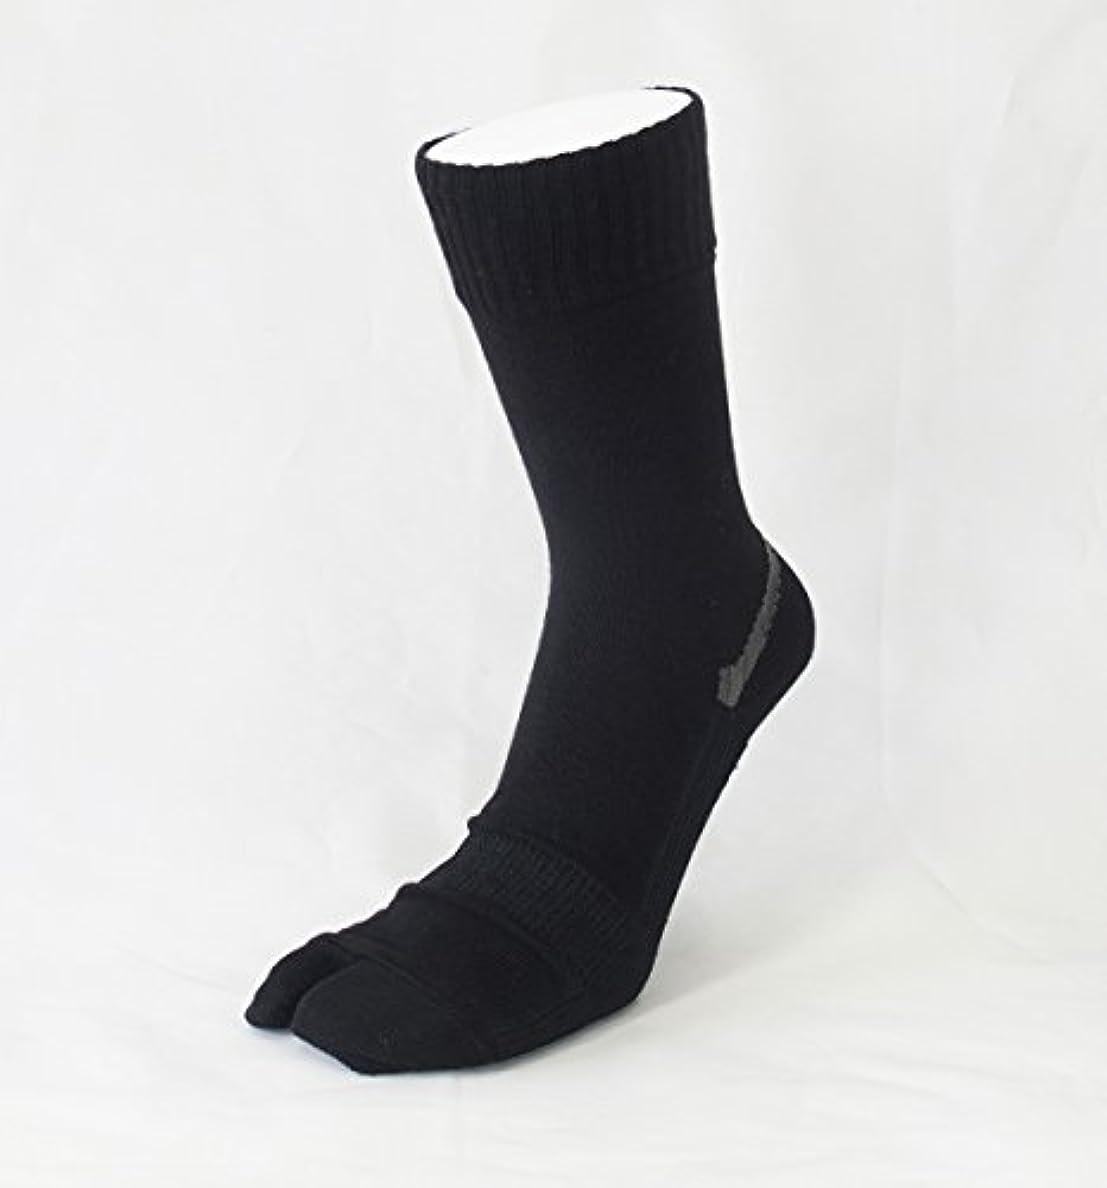 【あしサポ】履くだけで足がラクにひらく靴下 外反母趾に (Lサイズ(25-26センチ), ブラック)